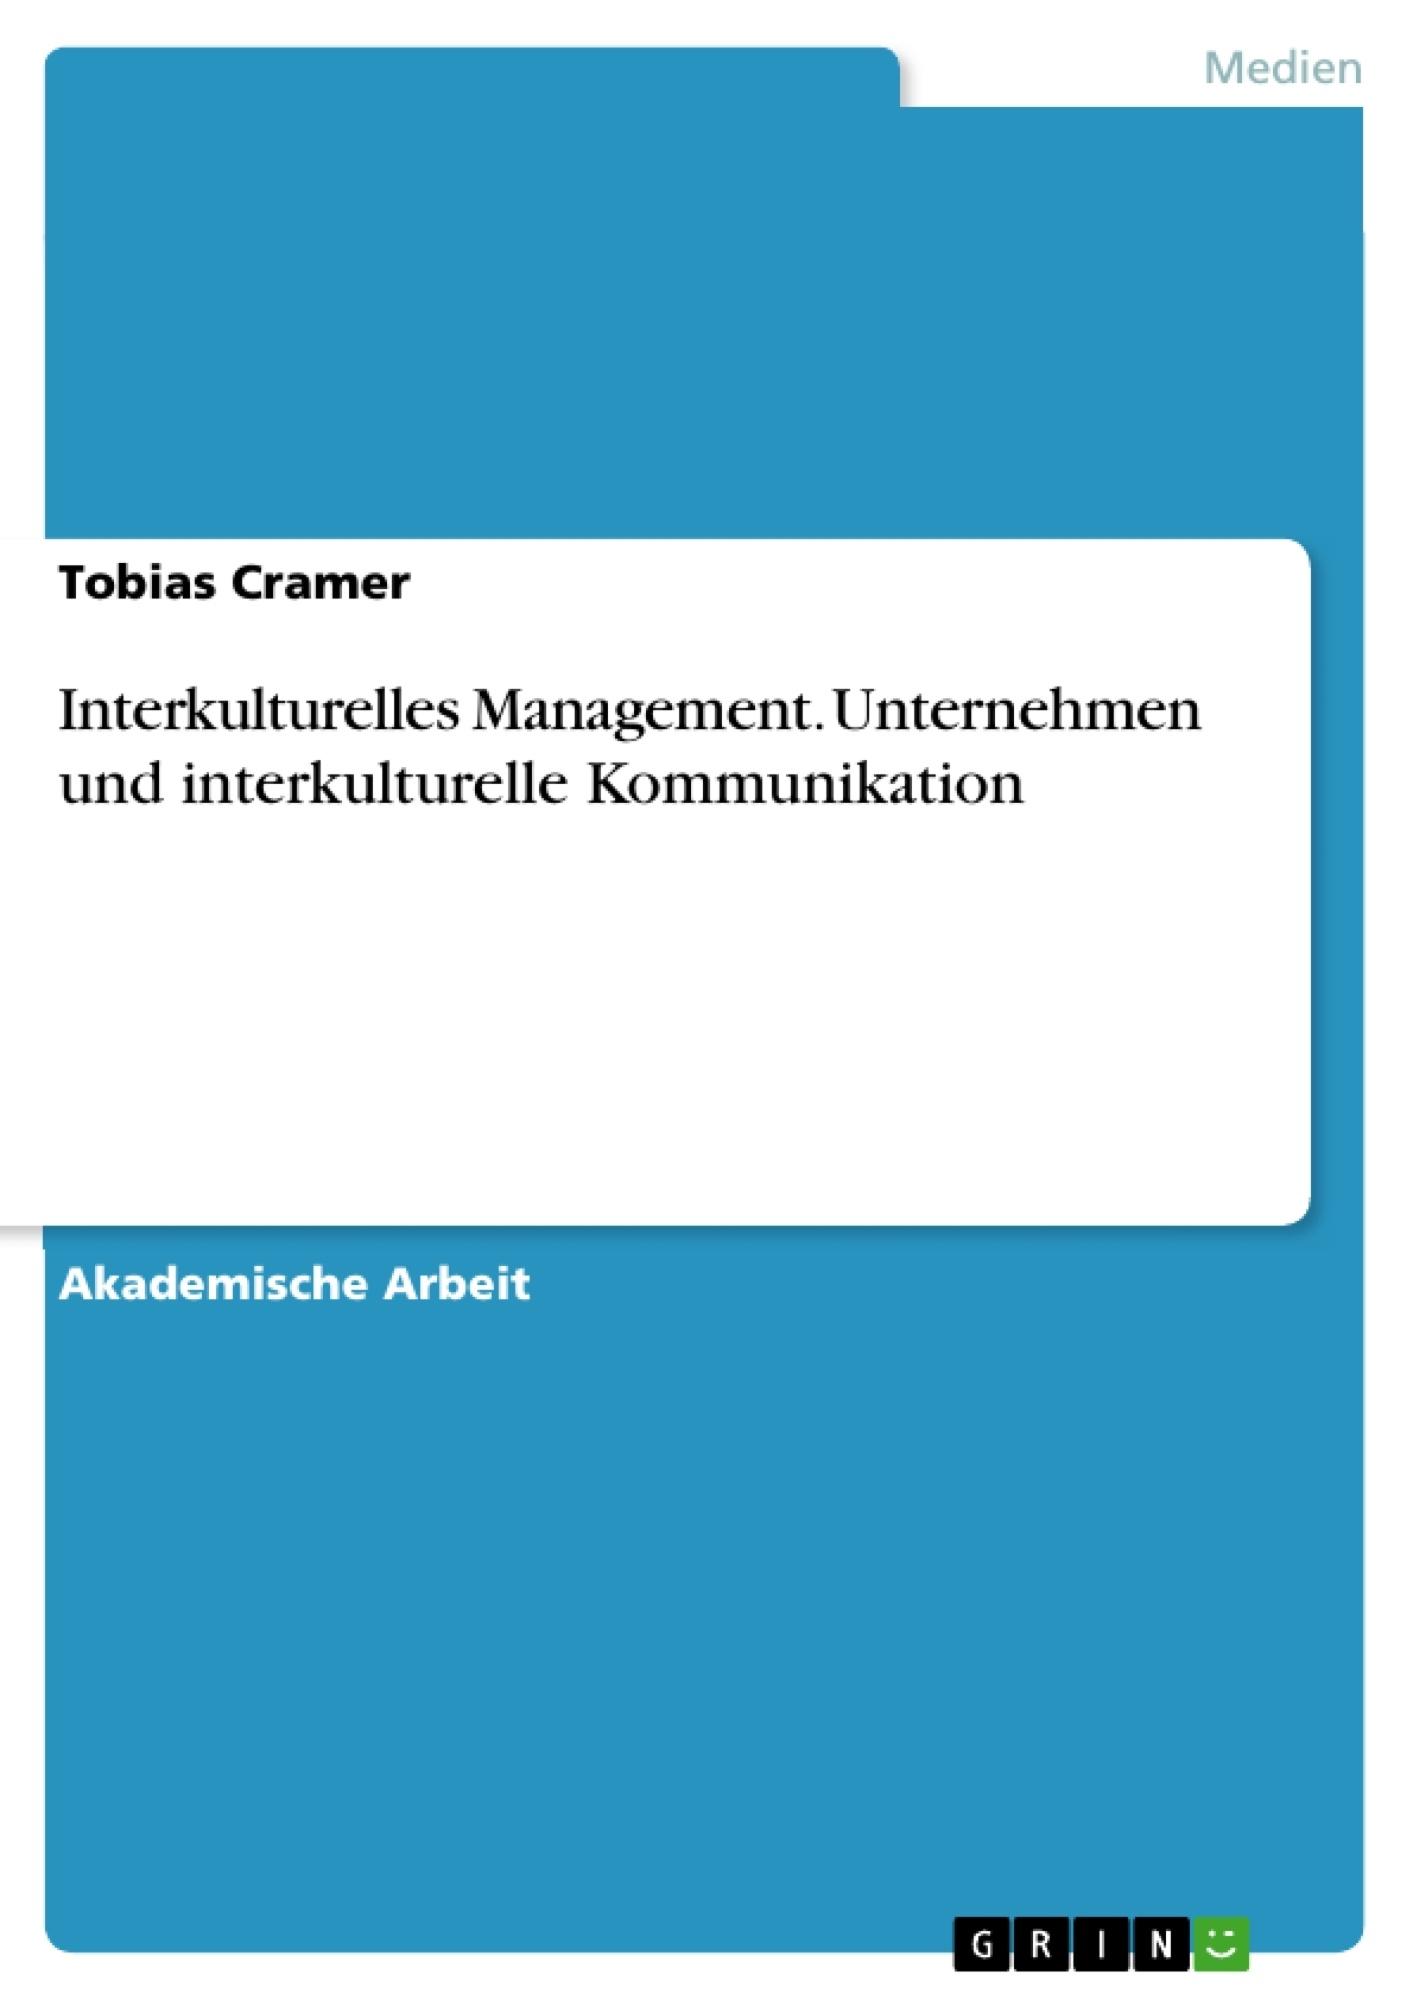 Titel: Interkulturelles Management. Unternehmen und interkulturelle Kommunikation